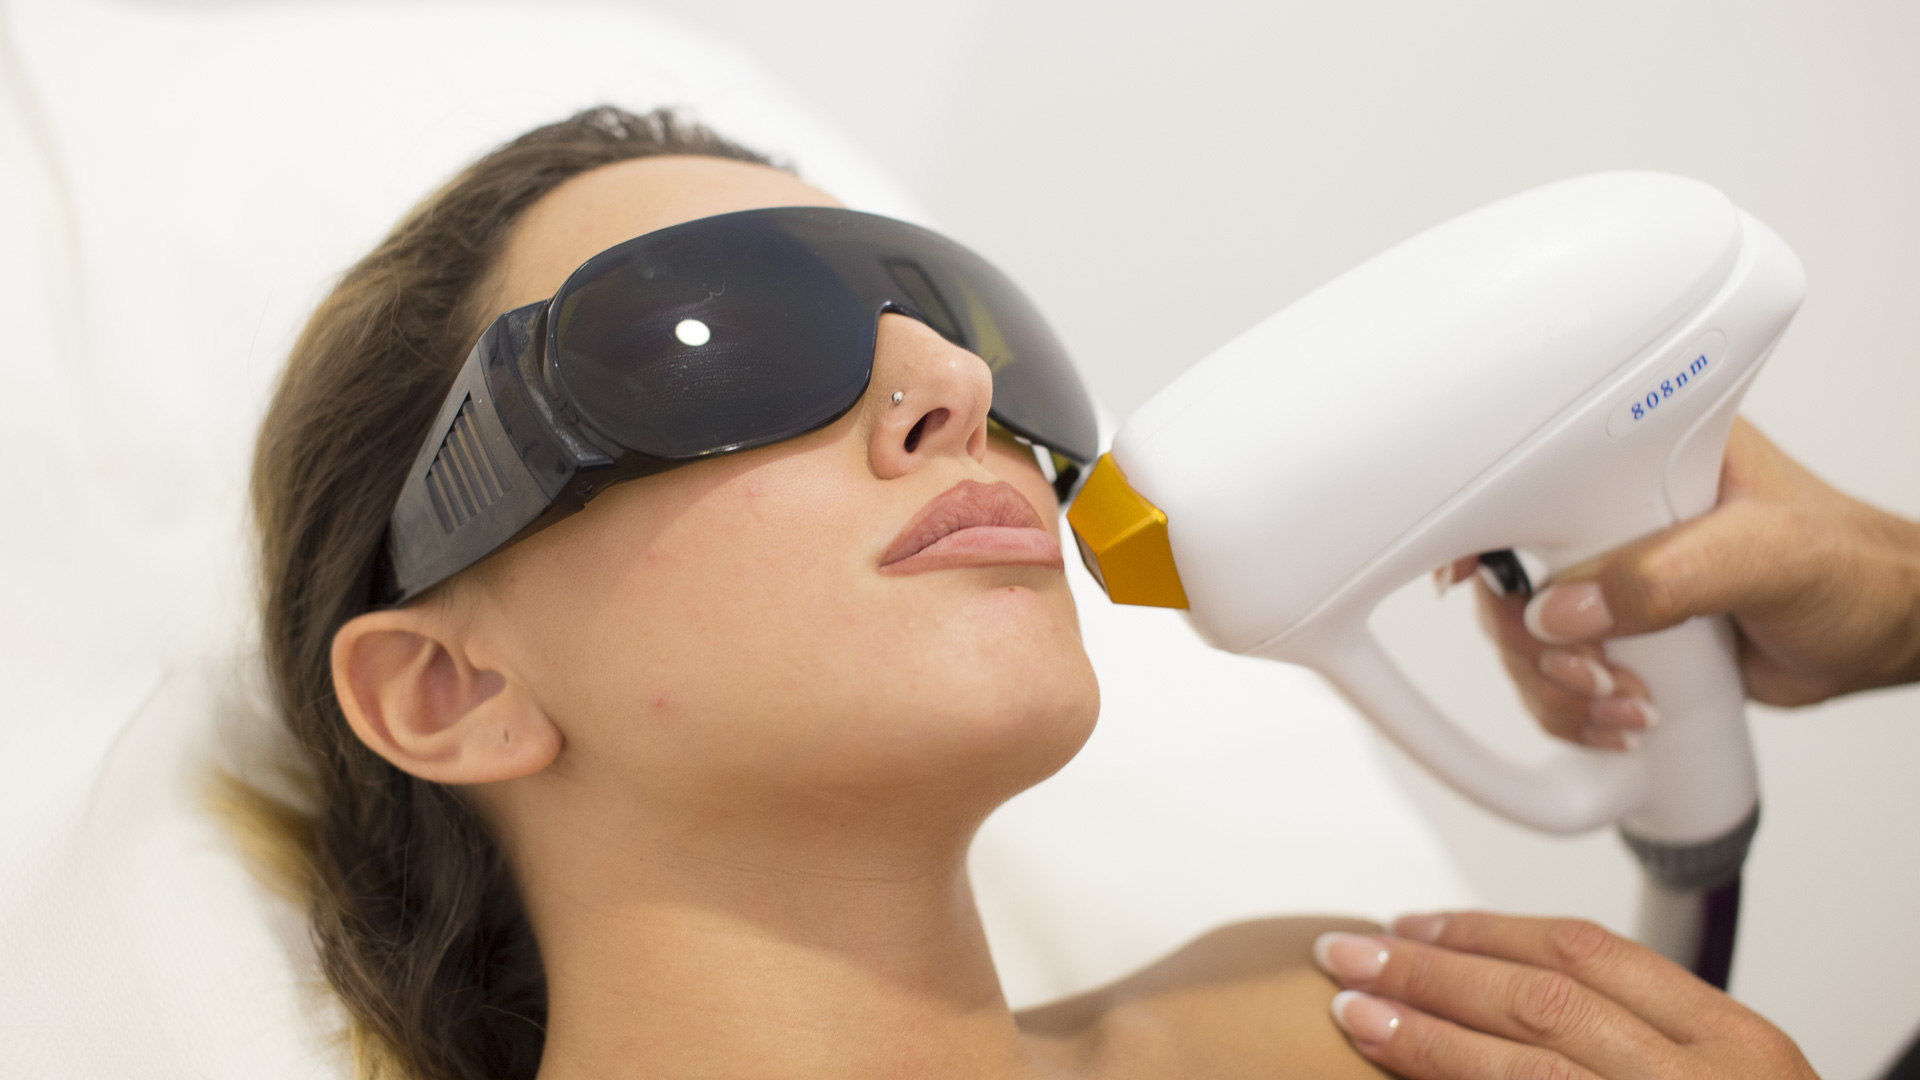 Quanto costa una epilazione laser?